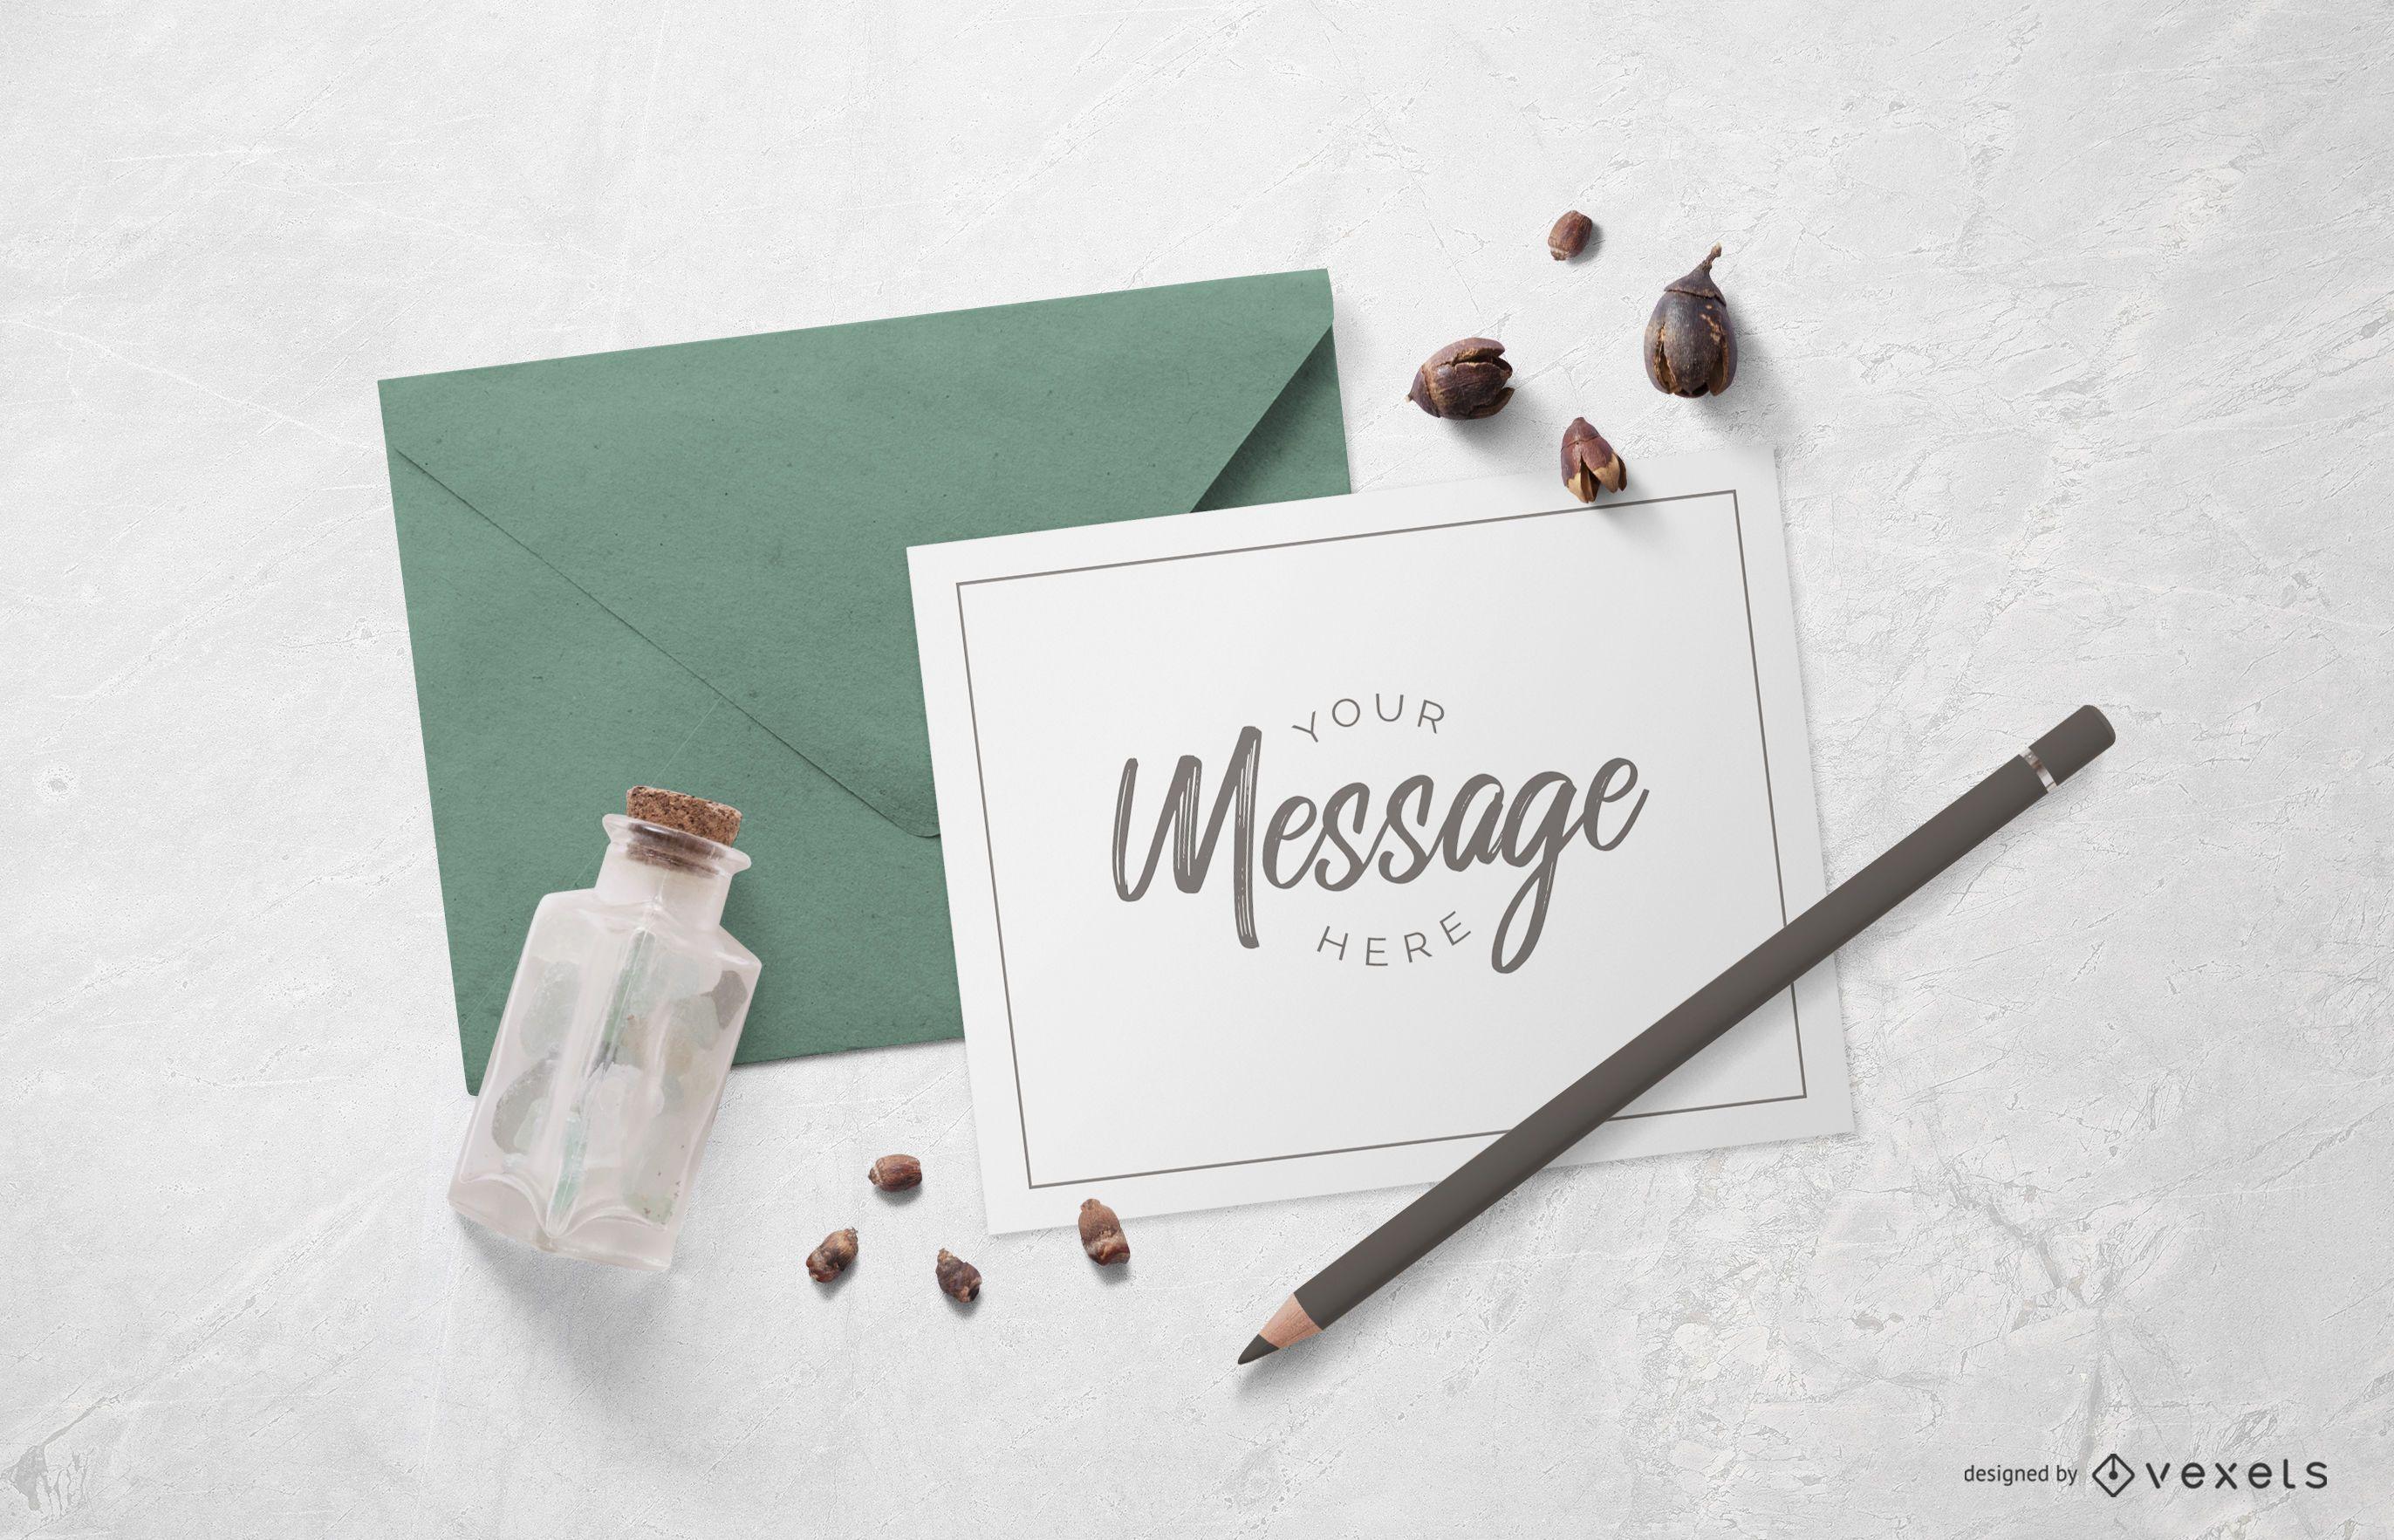 Card With Envelope Mockup Design